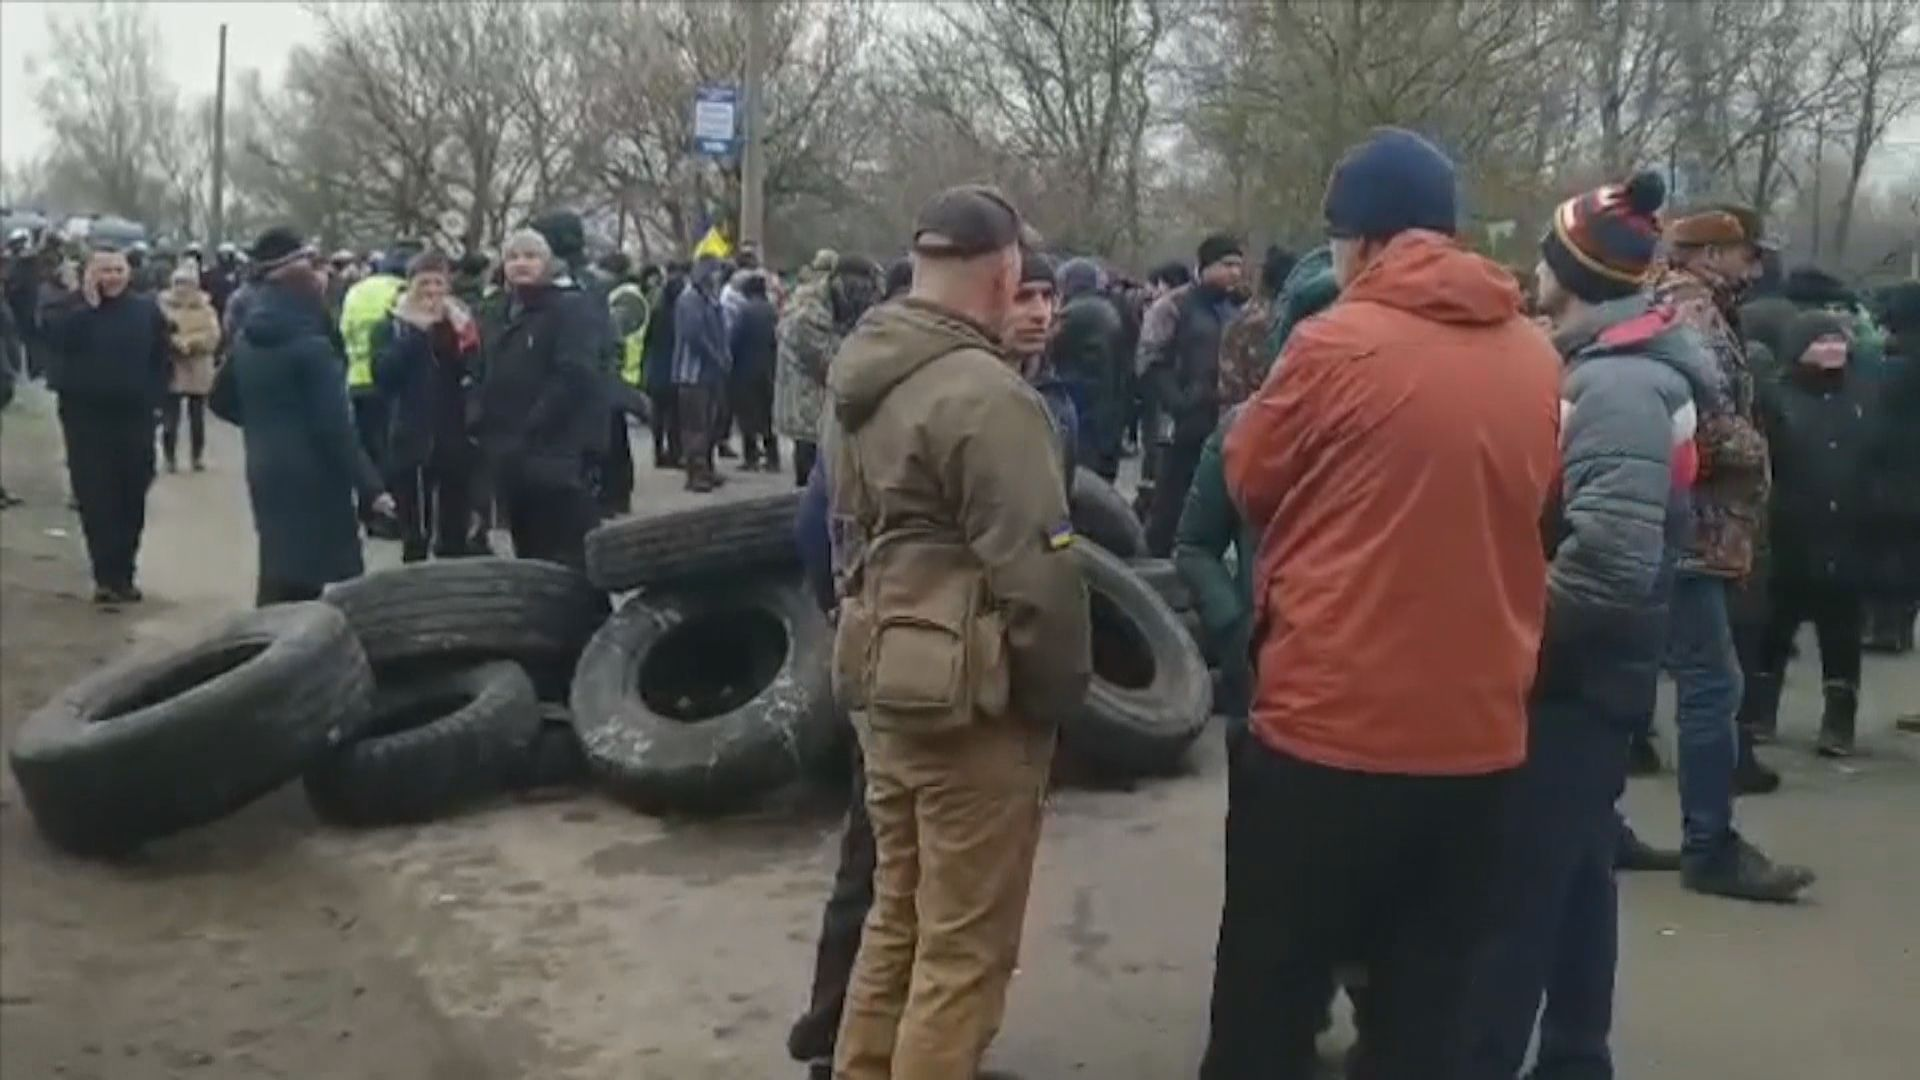 烏克蘭民眾反對撤僑入住療養院爆衝突